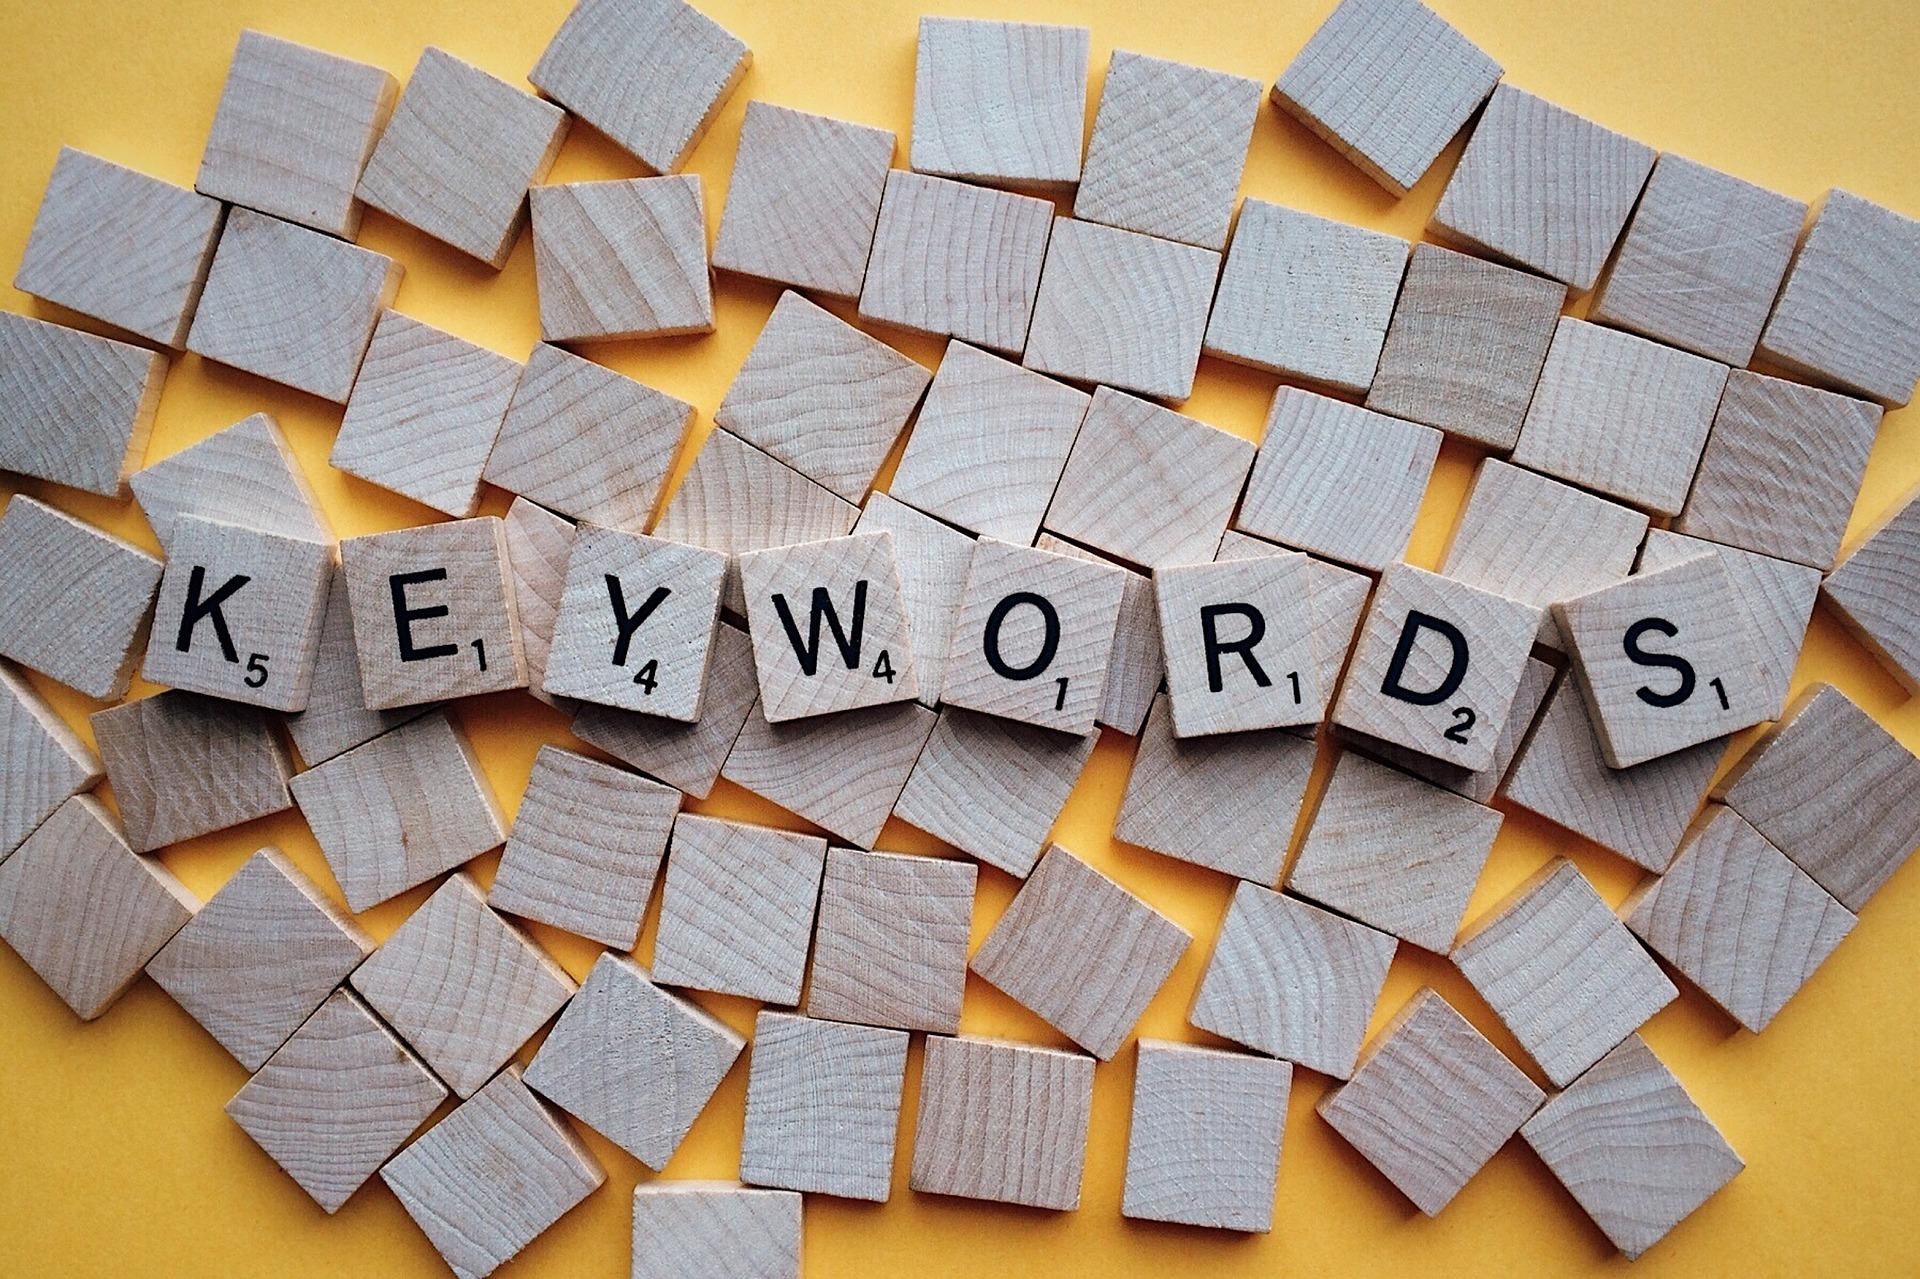 Keywords written in wooden letter blocks